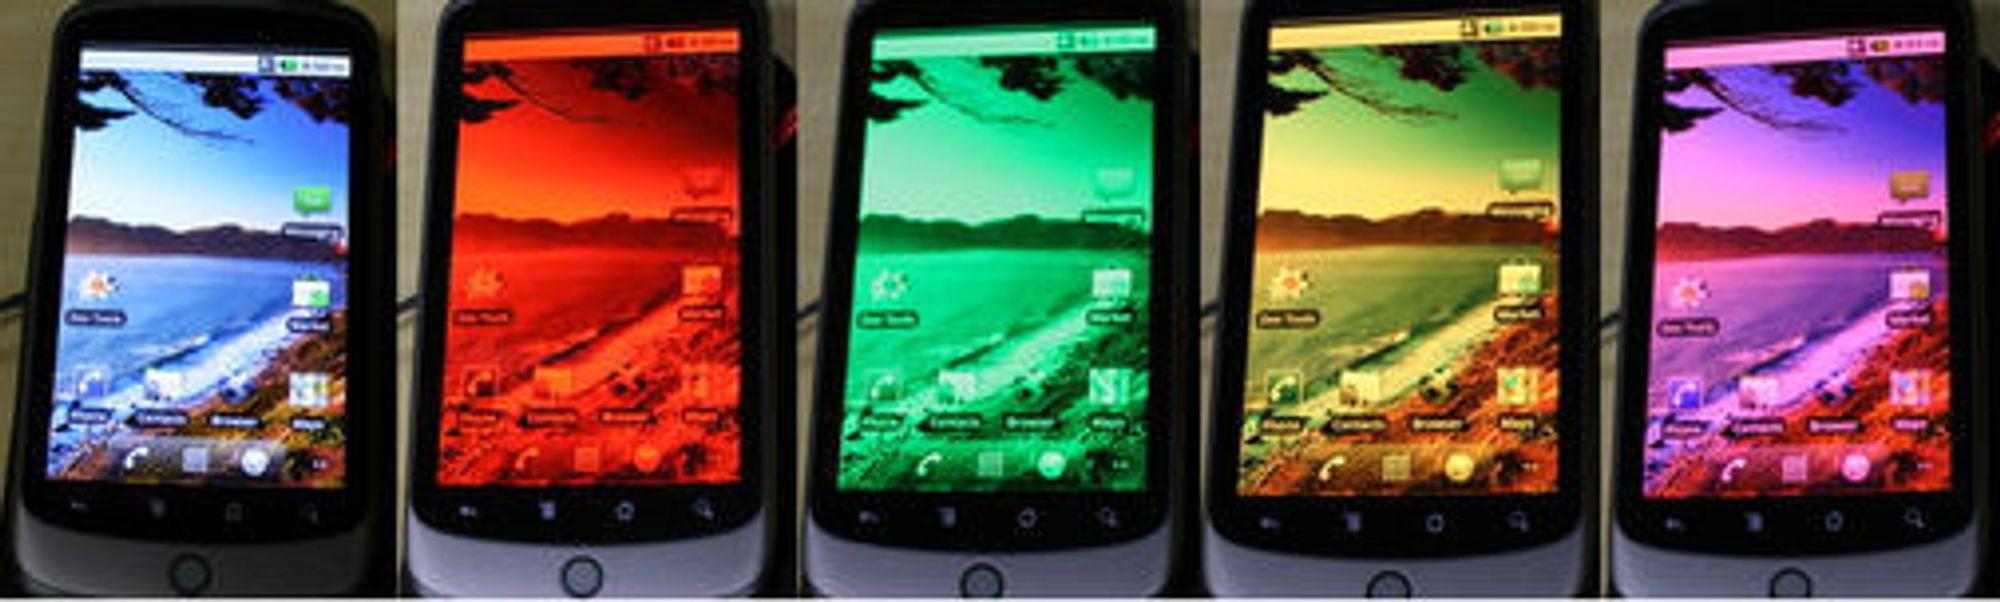 Nexus One med ulike kombinasjoner av fargekanaler.